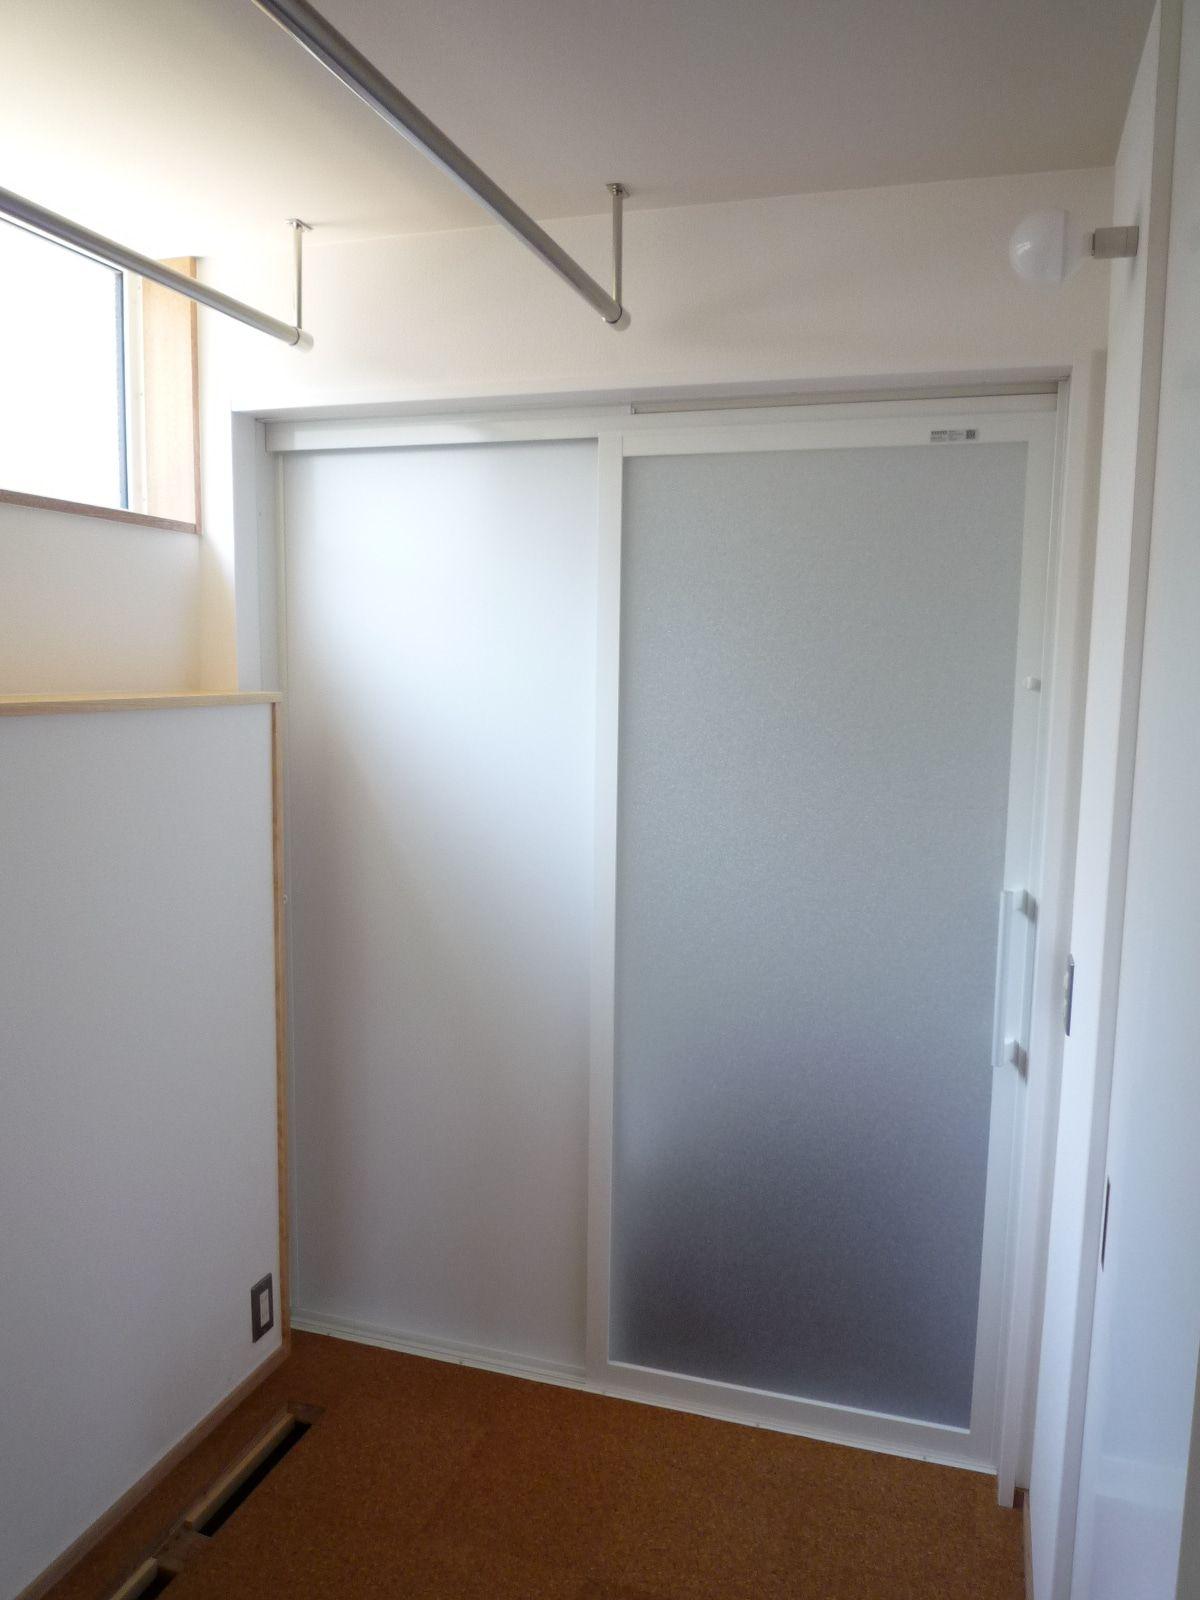 付けてよかった 寝室のワイヤー物干 引き戸 リノベーション 浴室